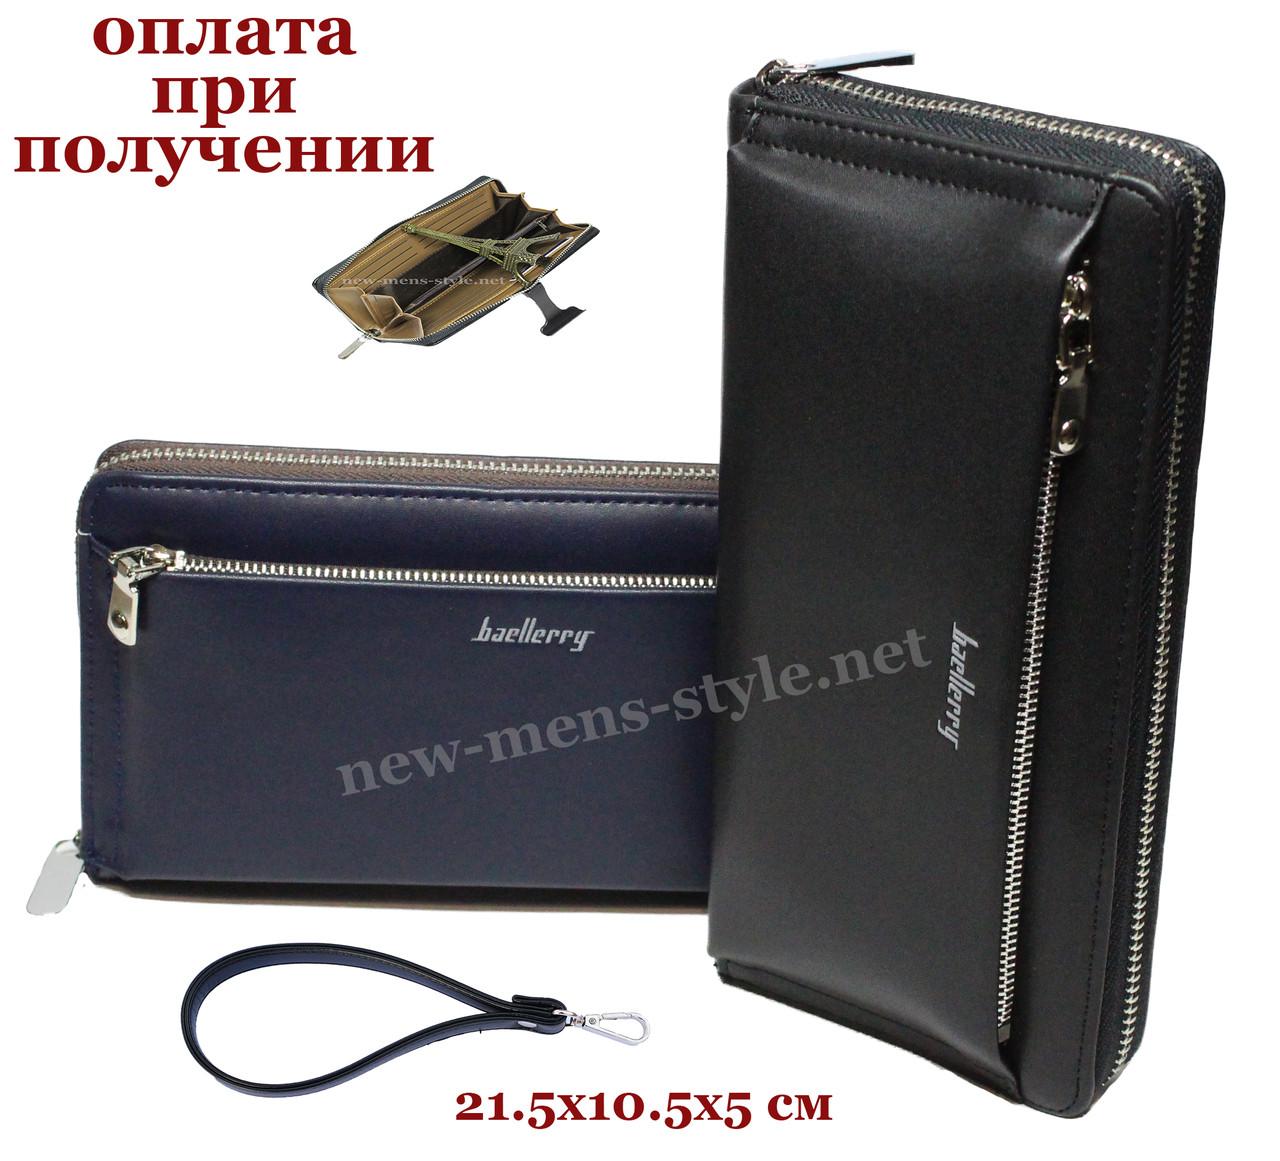 Чоловічий шкіряний гаманець портмоне клатч барсетка барсетка Baellerry NEW